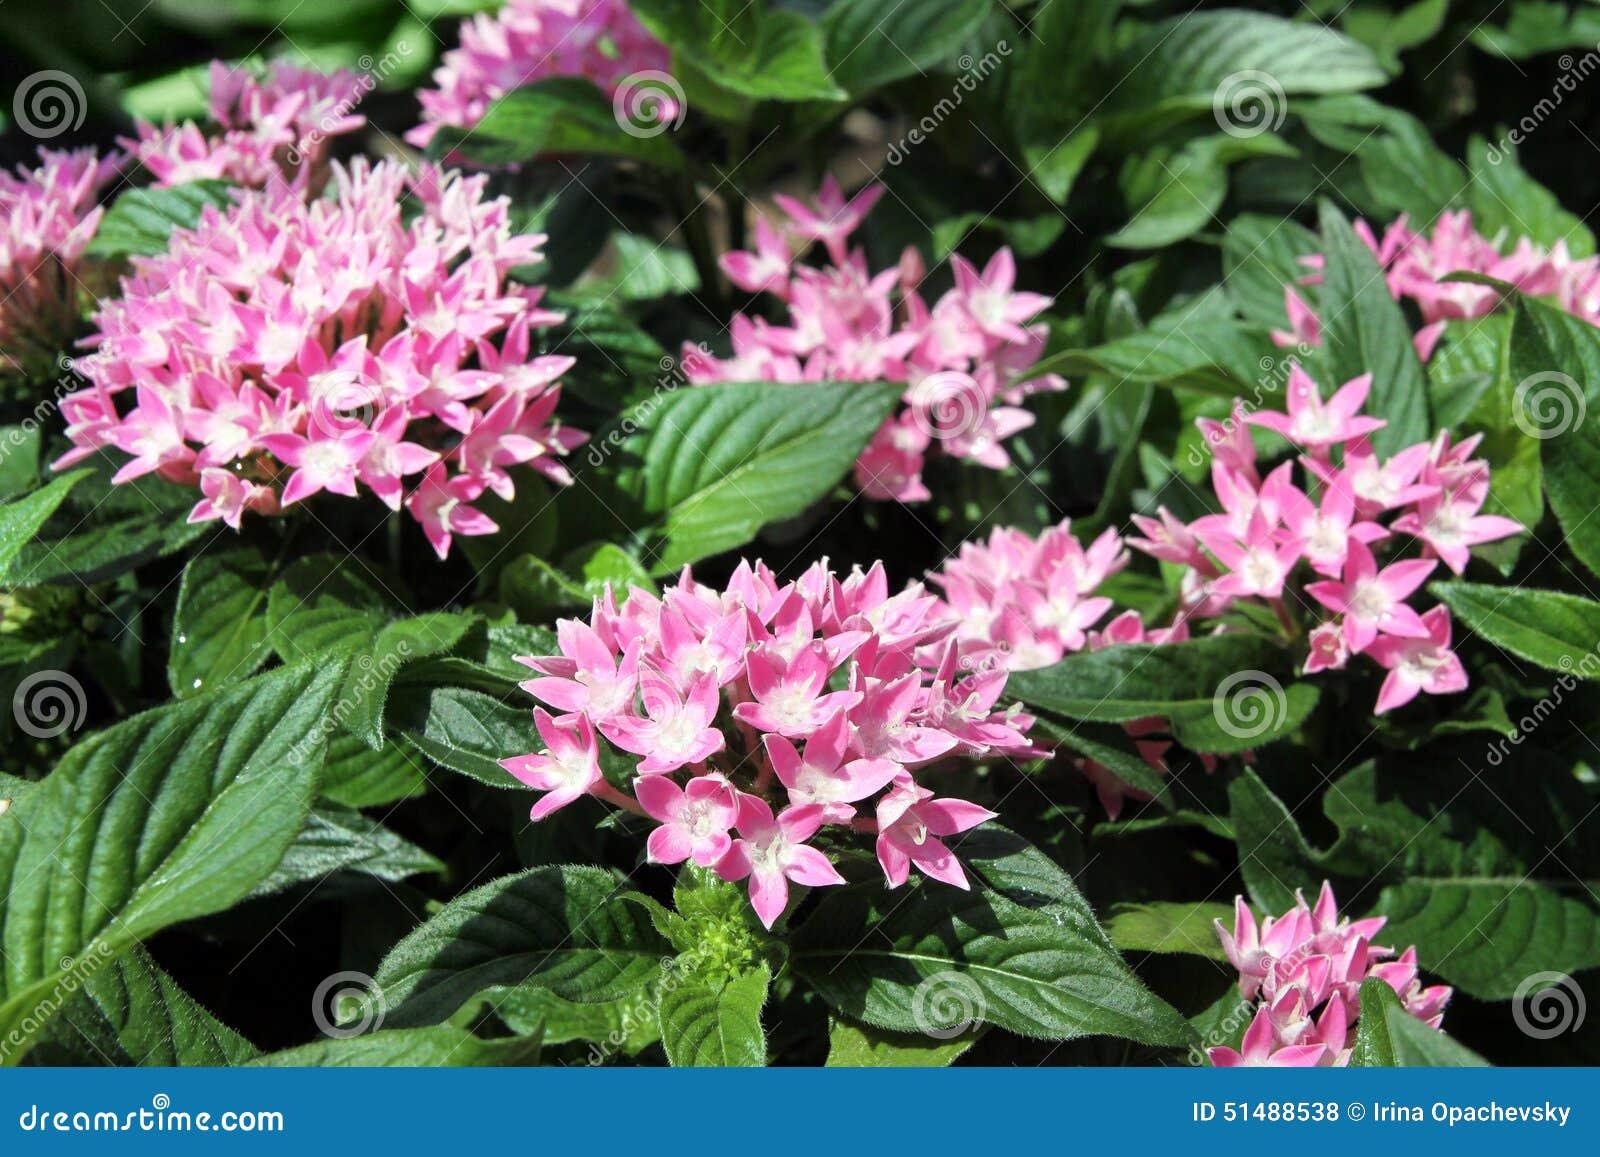 Arbusto Del árbol De Hoja Perenne De Pentas Foto De Archivo Imagen De Pink Flora 51488538